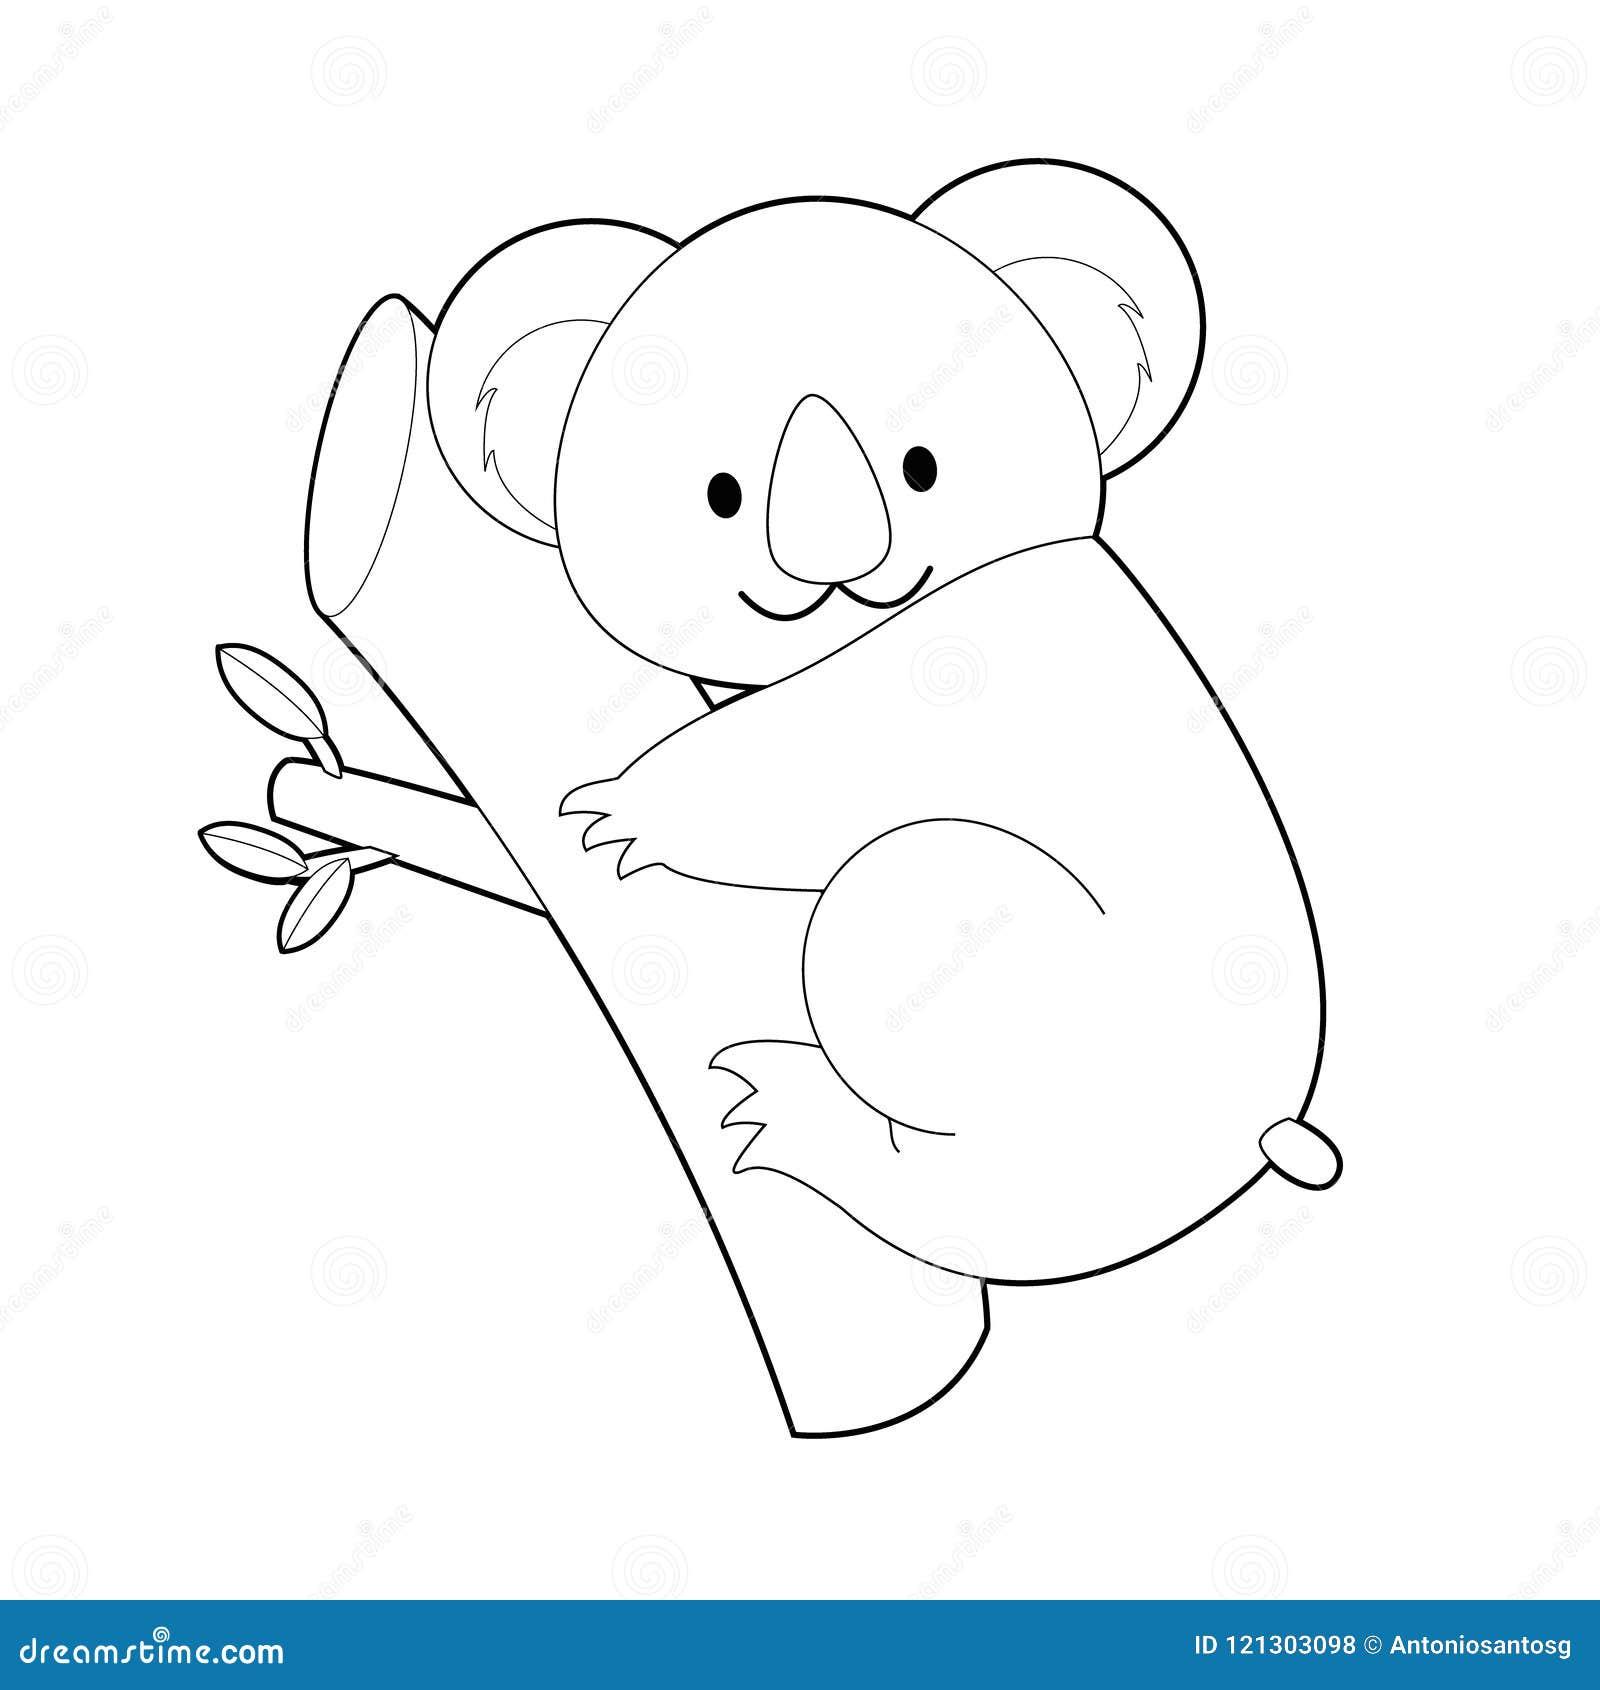 Animali Facili Da Disegnare Per Bambini Ardusat Org